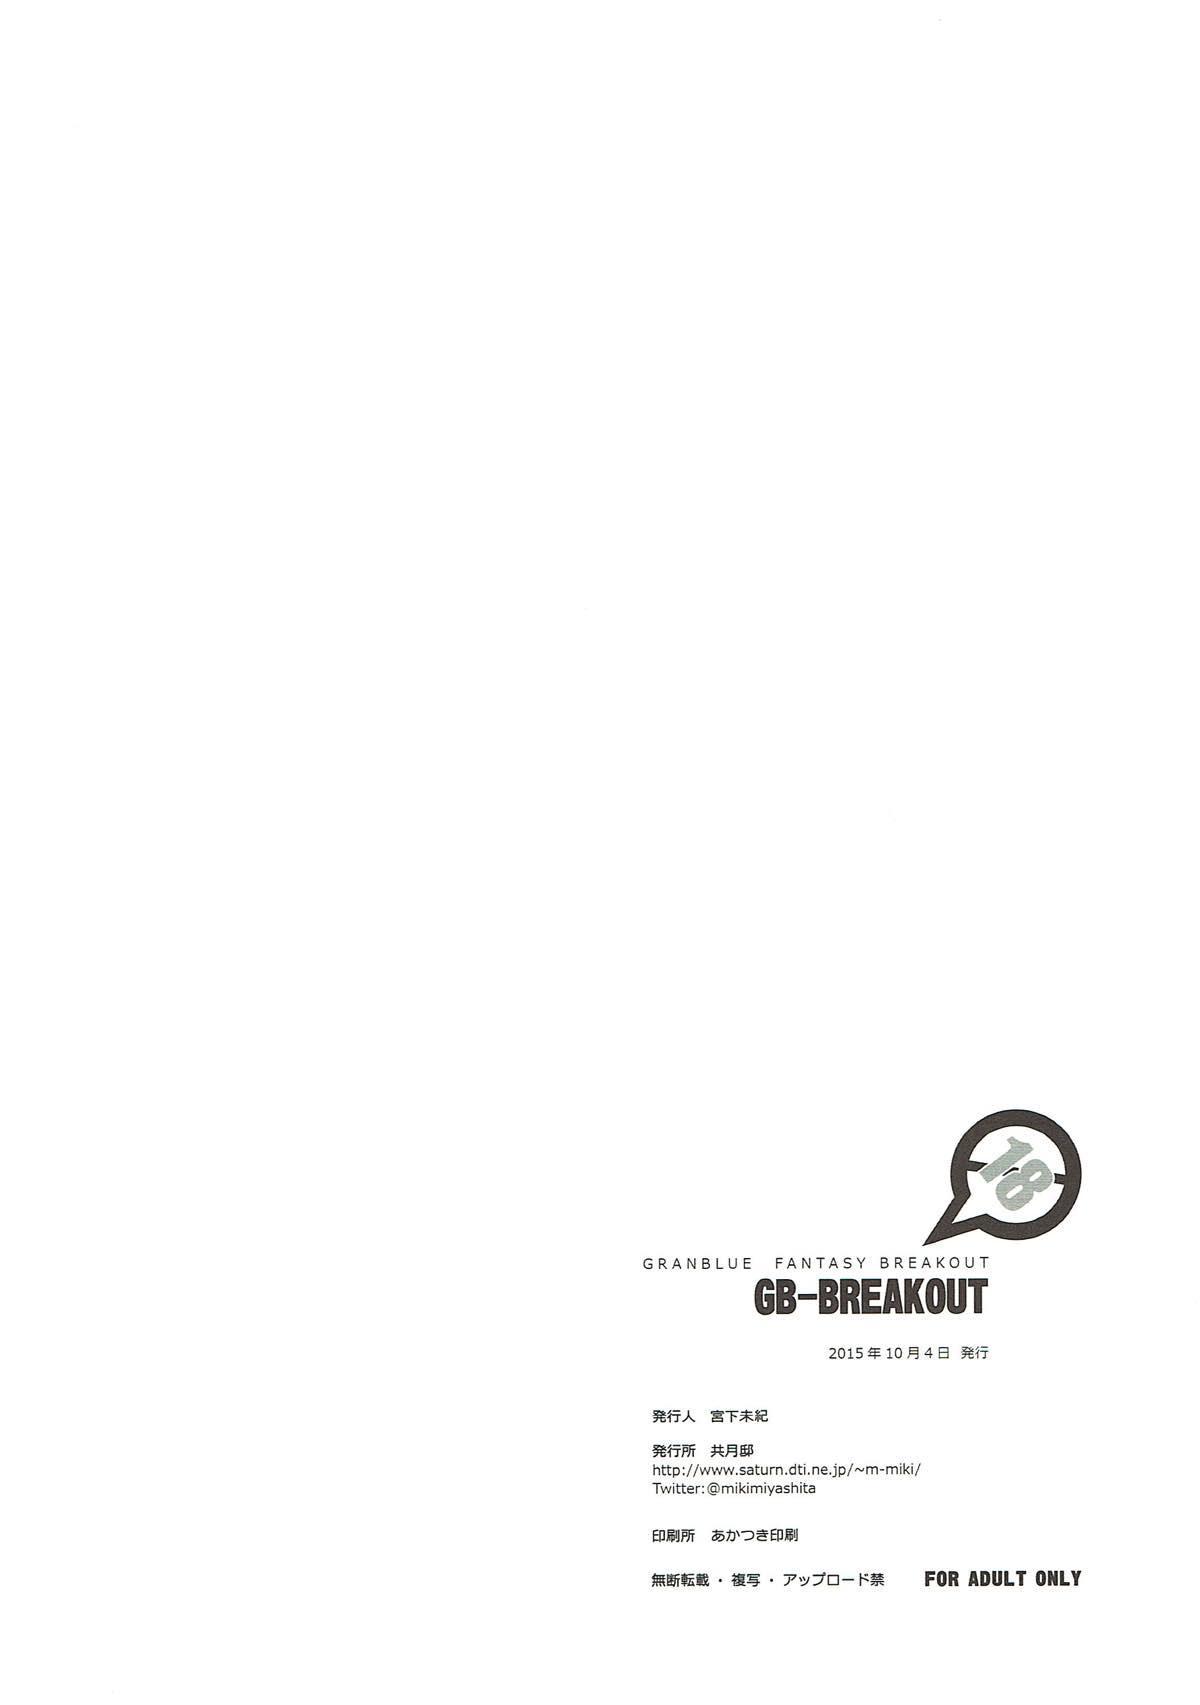 GB-BREAKOUT 15